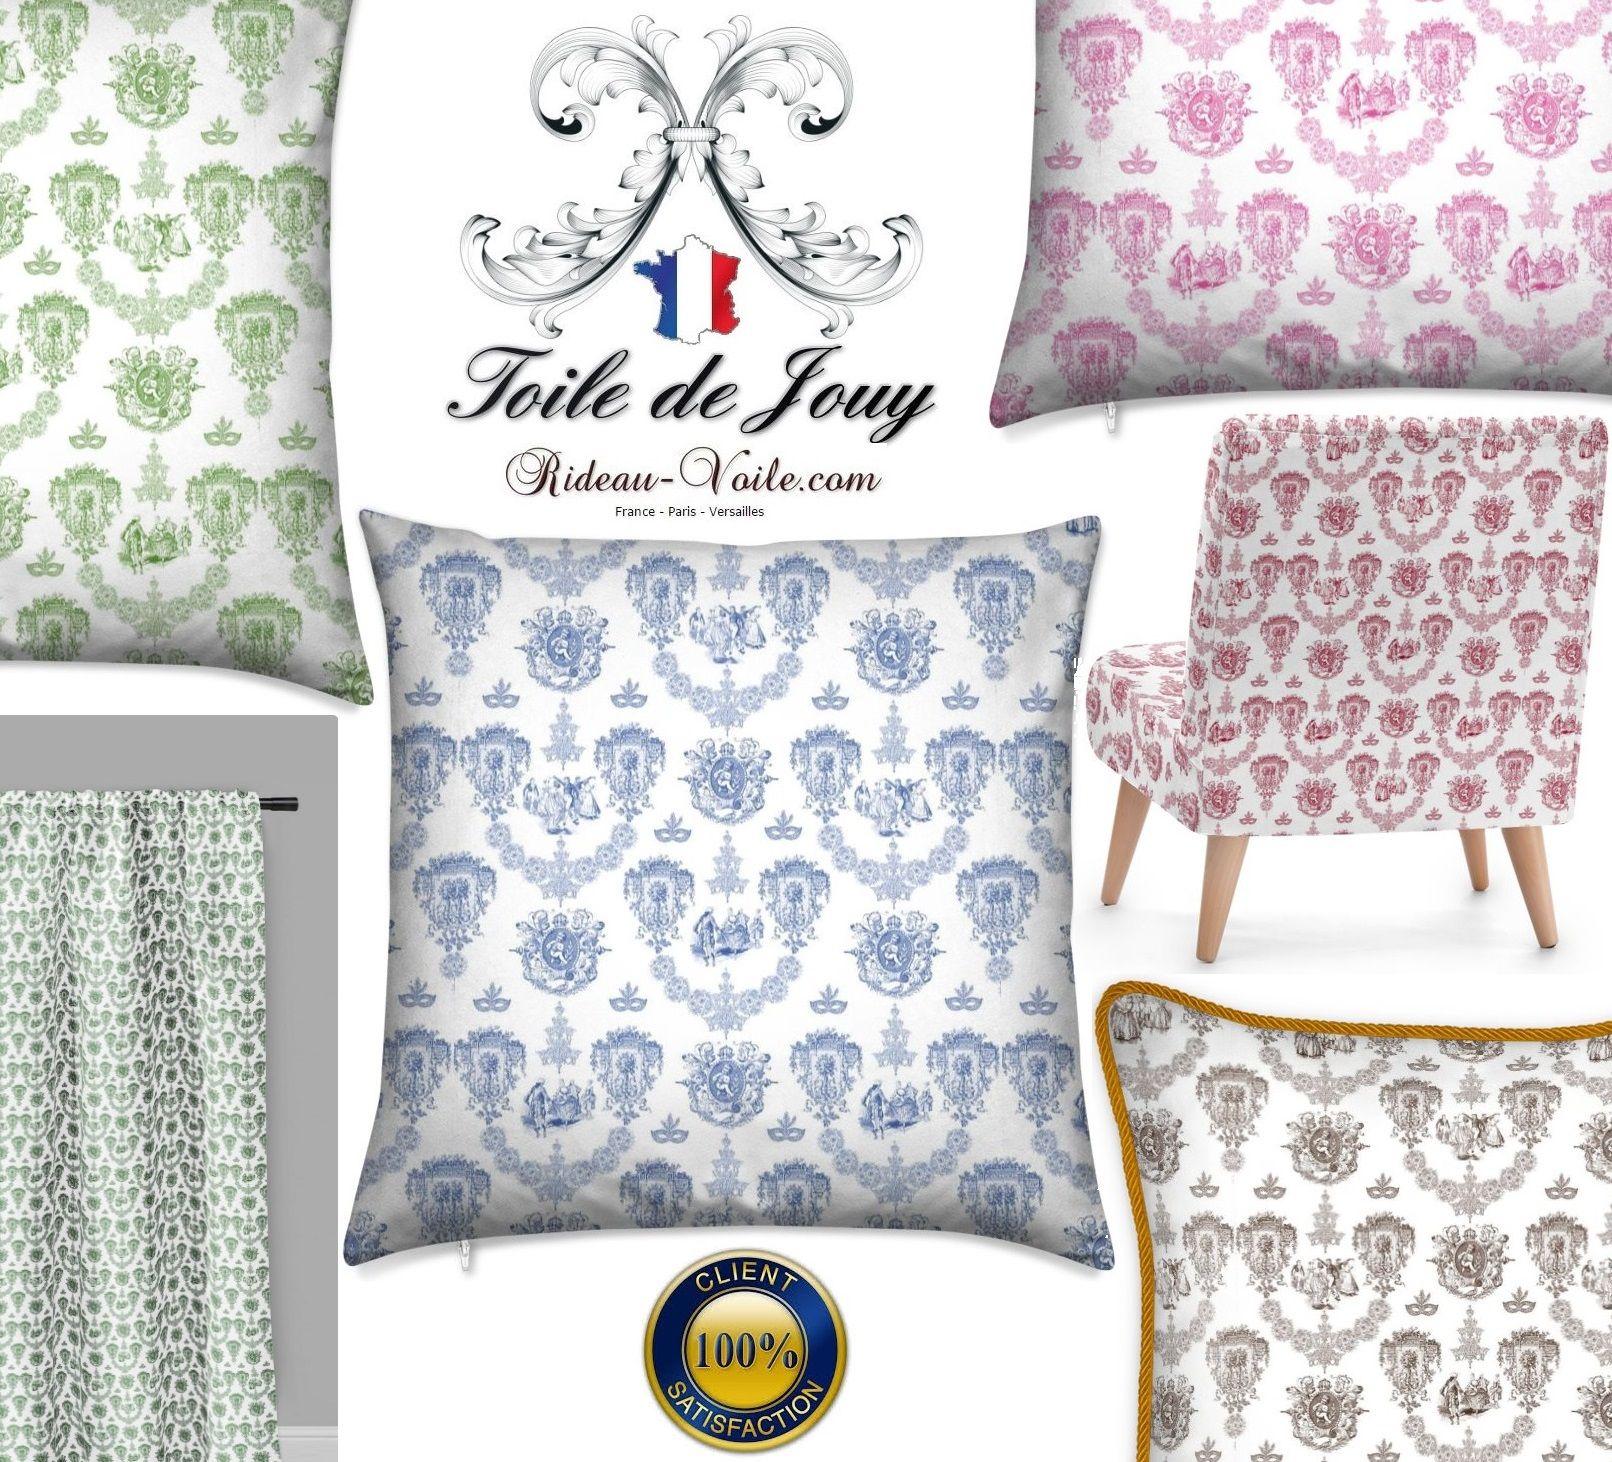 confection sur mesure rideau housse de coussin housse. Black Bedroom Furniture Sets. Home Design Ideas